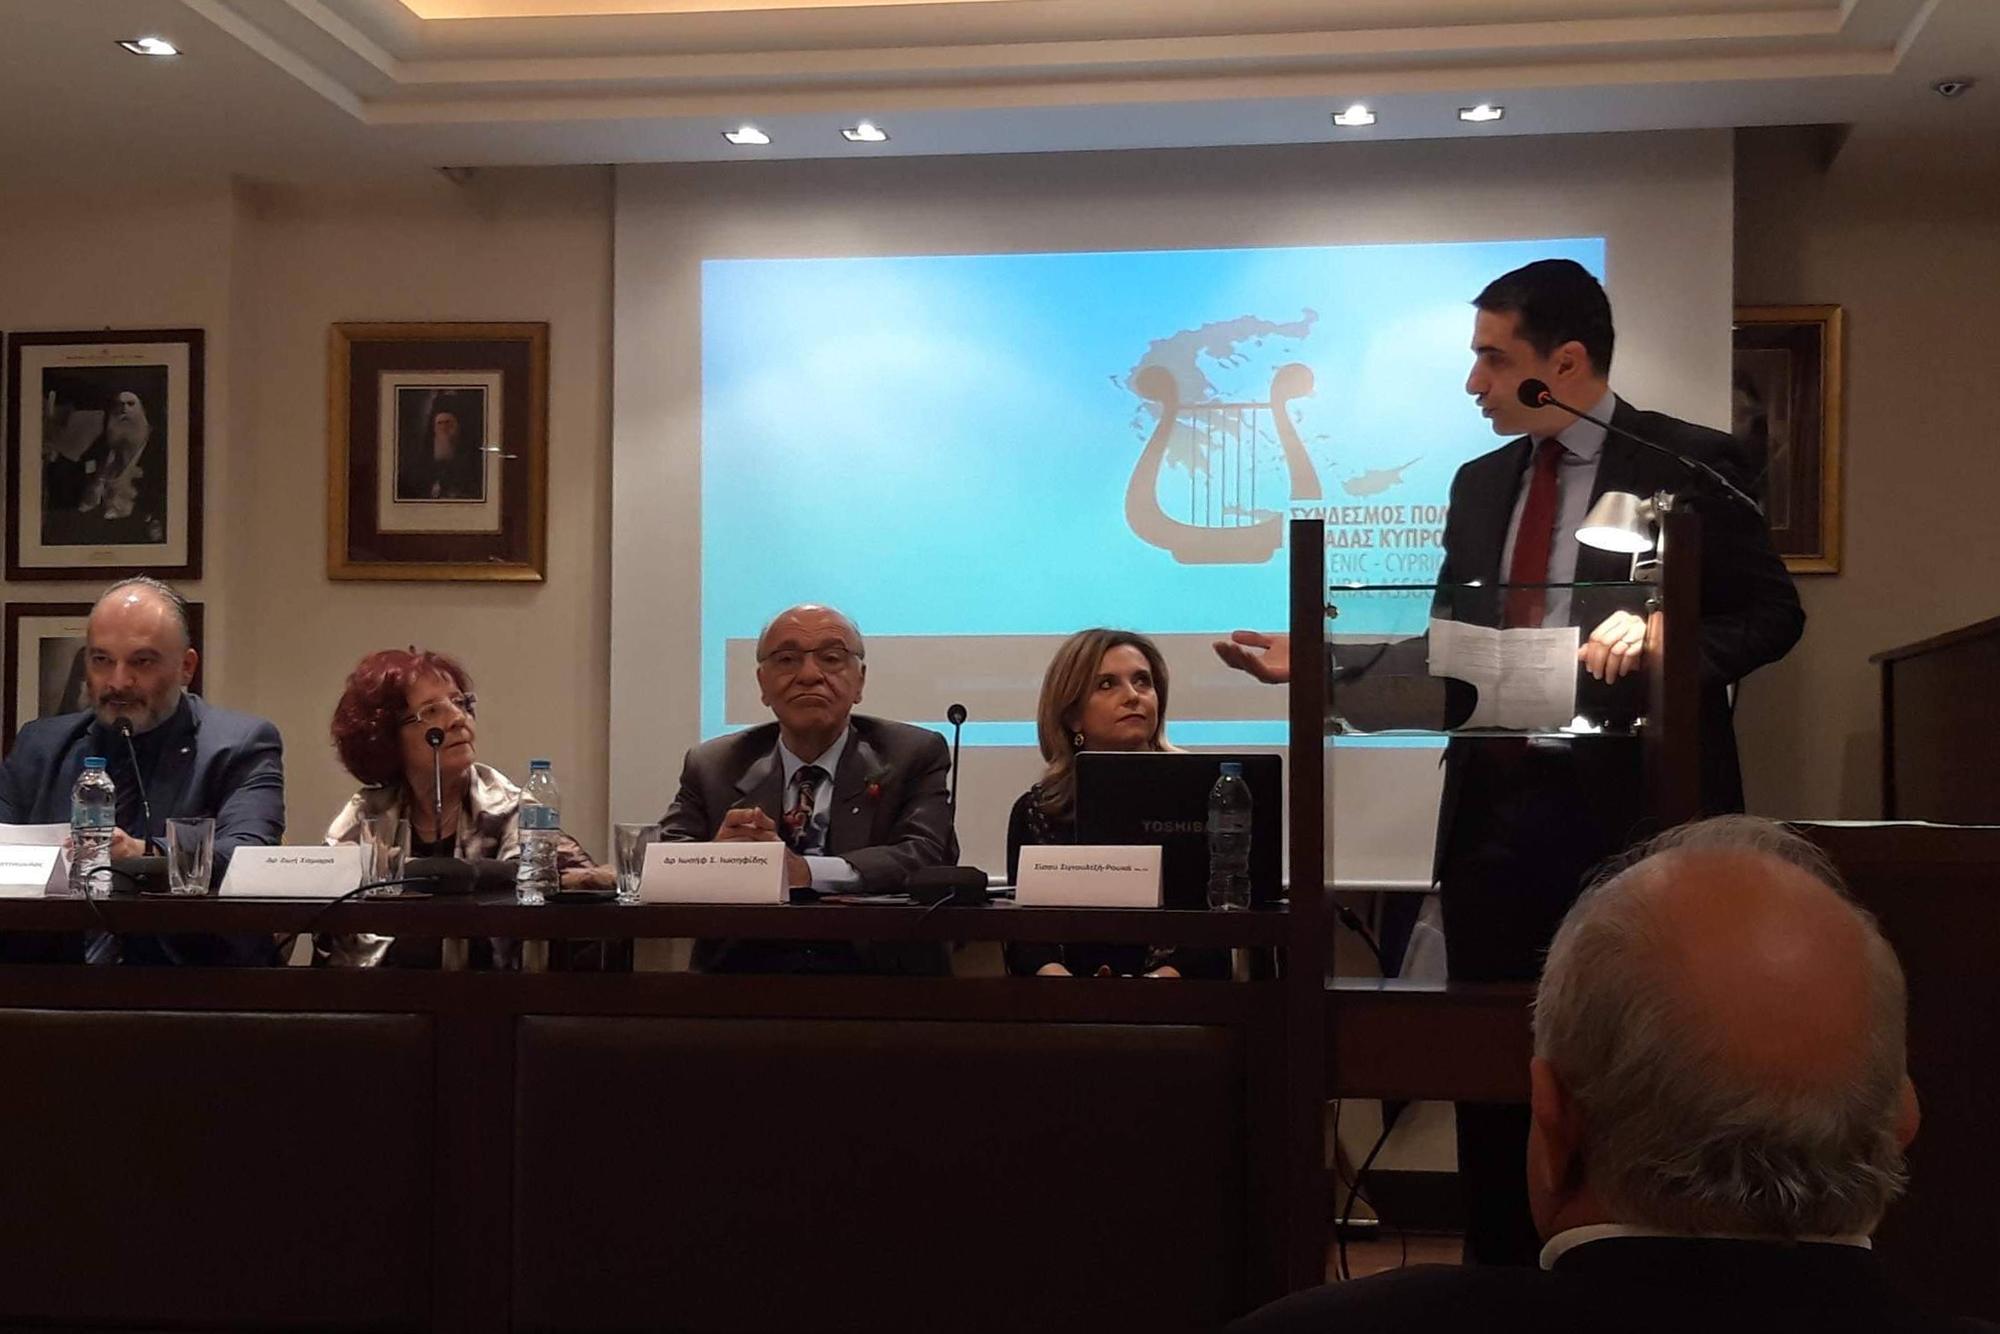 Ετήσιος Θεσμός Συνδέσμου Πολιτισμού Ελλάδας Κύπρου, «Βραβείο Λογοτέχνη για το Σύνολο του Έργου του 2019». Στη φωτογραφία ομιλεί στο βήμα ο Πρόξενος της Κυπριακής Δημοκρατίας στη Θεσσαλονίκη, κ. Σπύρος Μιλτιάδης, ενώ στο πάνελ διακρίνονται οι ιδρυτές του ΣΠΕΚ, κα Σίσσυ Σιγιουλτζή-Ρουκά (Πρόεδρος), ο Δρας Ιωσήφ Σ. Ιωσηφίδης (Αντιπρόεδρος) και τα Ιδρυτικά Μέλη, Ζωή Σαμαρά (Ομότιμη Καθηγήτρια Α.Π.Θ.) και Δρ Ανδρέας Σταματόπουλος (ιστορικός – εθνολόγος). Στην παρούσα εκδήλωση βραβεύτηκαν ισότιμα ο Κυριάκος Χαραλαμπίδης (Κύπρος) και η Μαρία Κέντρου-Αγαθοπούλου (Ελλάδα).